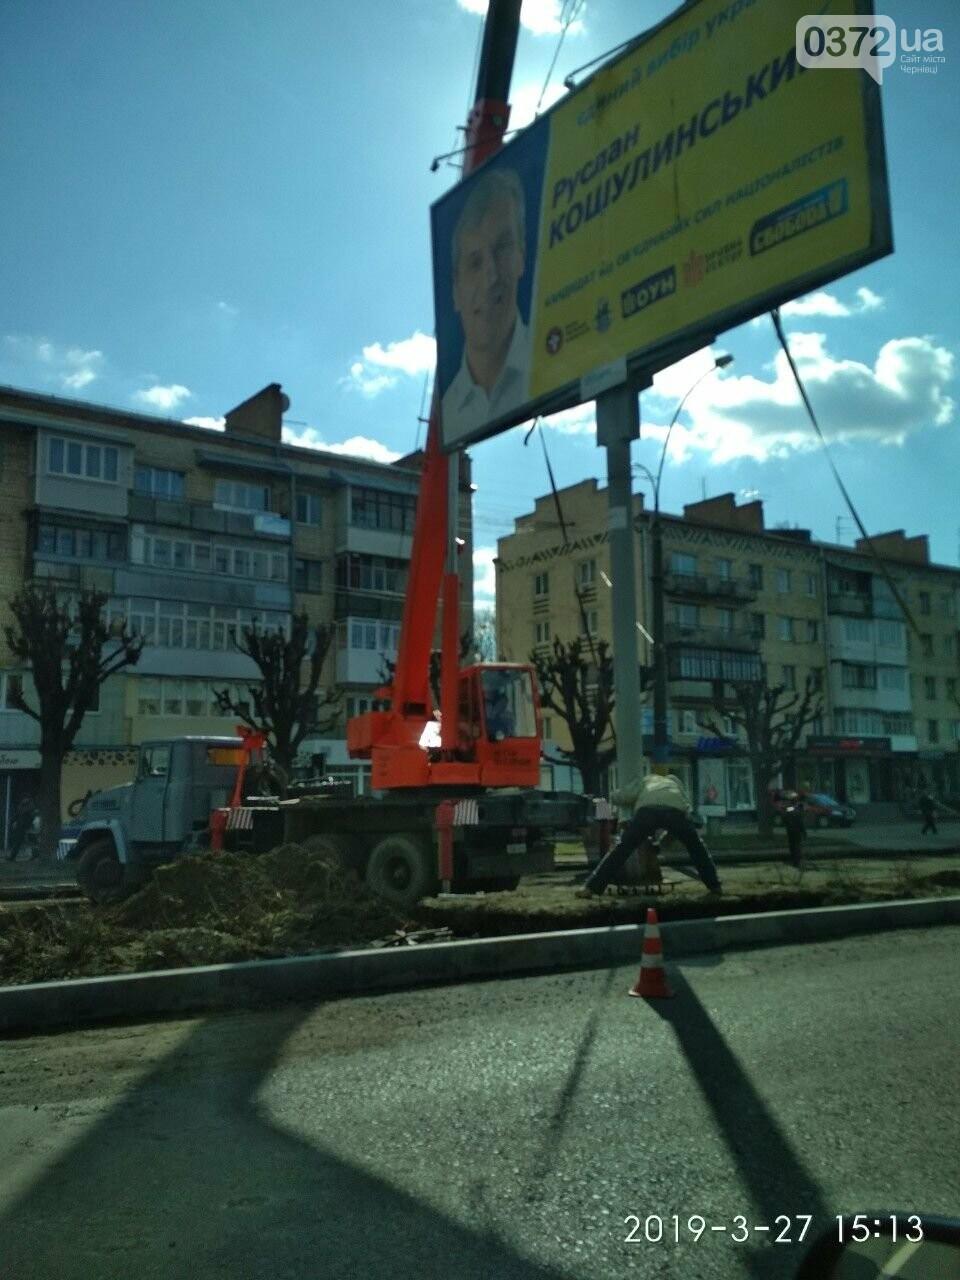 Будьте обережні: в Чернівцях на проспекті Незалежності реклама, яку монтують, може впасти, фото-1